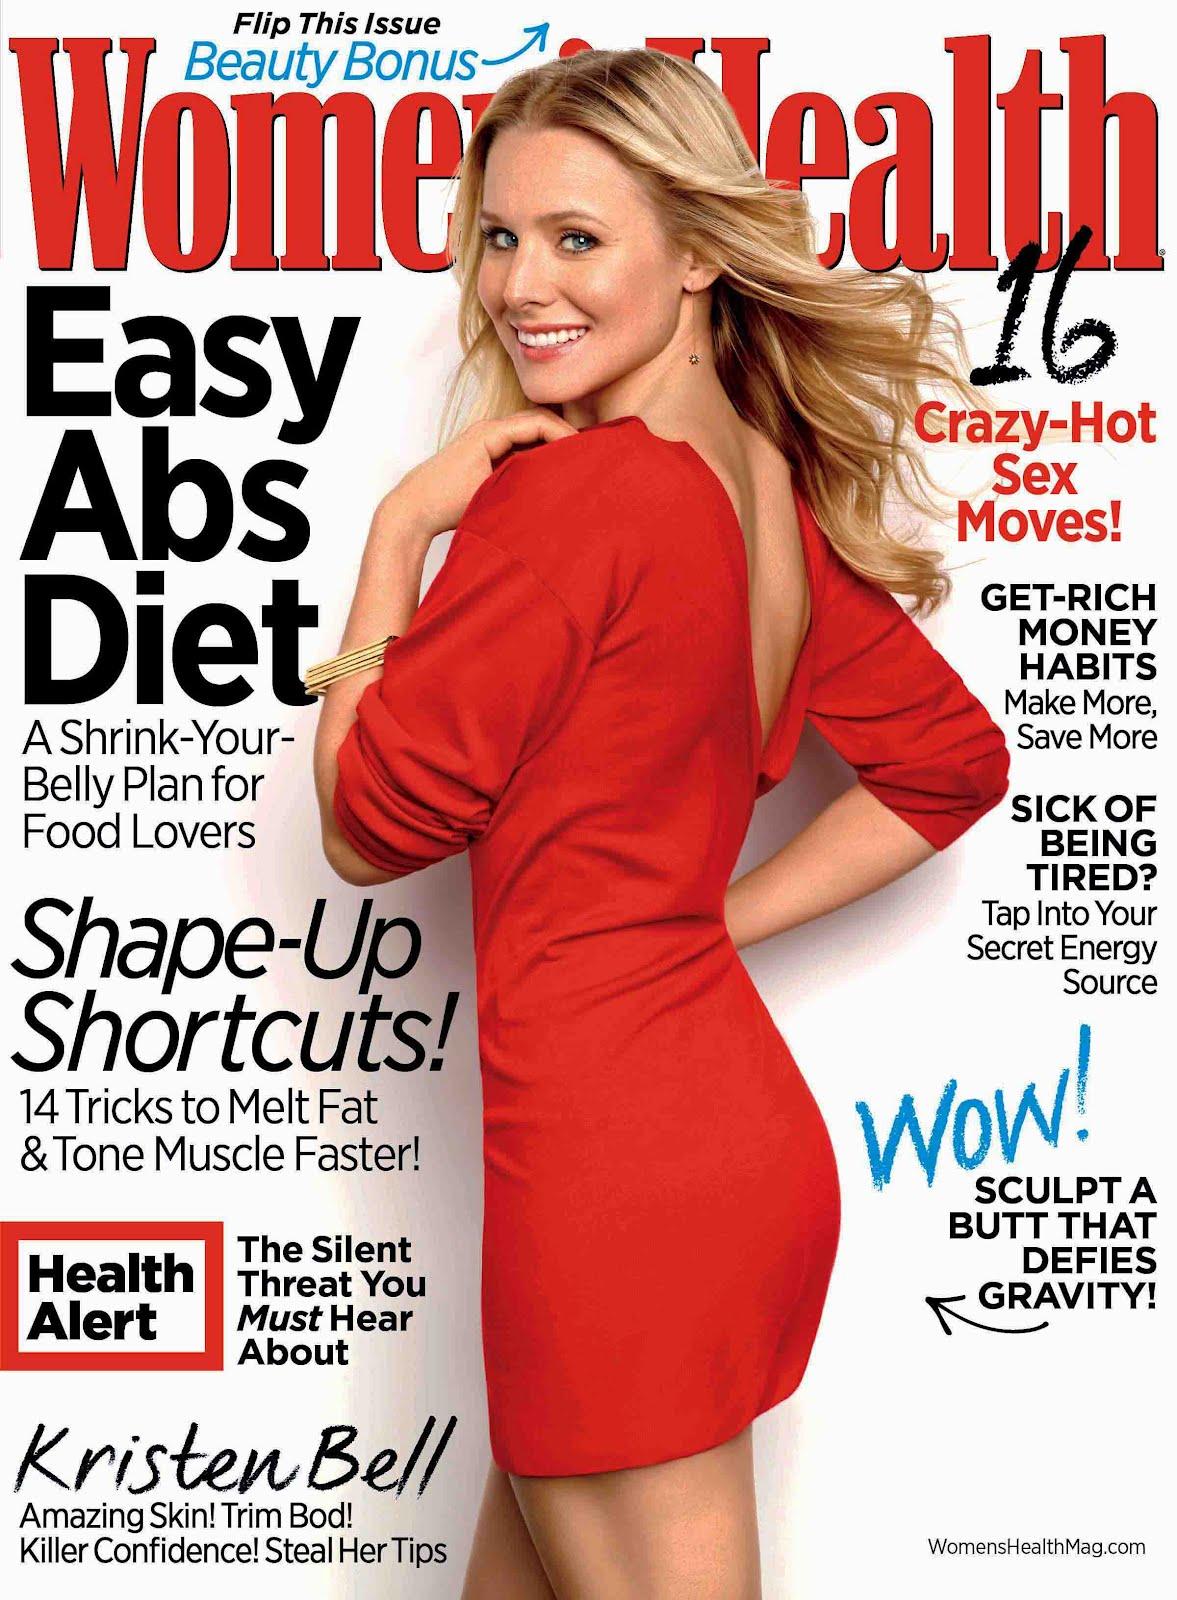 http://4.bp.blogspot.com/-xT-i_fXhJUs/T1pXOgPhWWI/AAAAAAACaIk/dMVPuxyF_m0/s1600/Kristen%2BBell%2Bwomans%2Bmagazine%2Bcover%2Bphotos.jpg